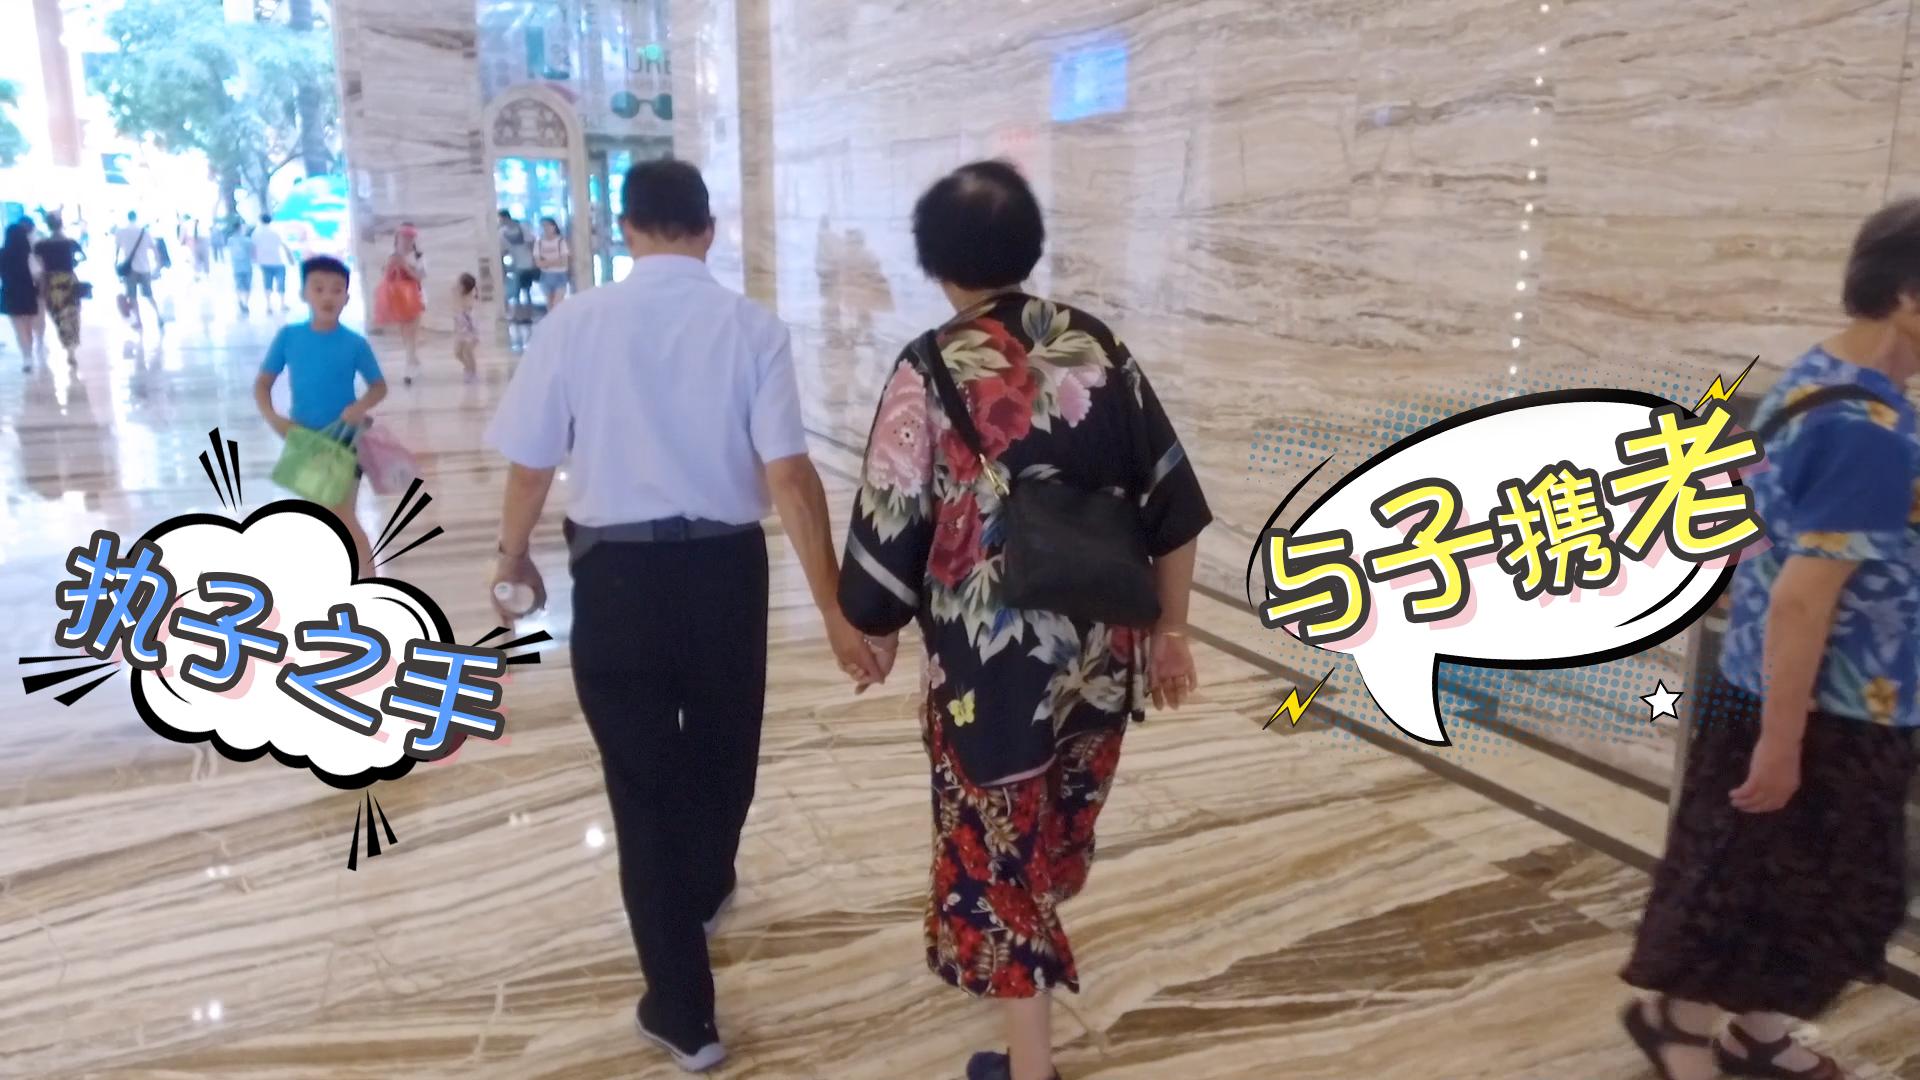 看中国老年人七夕如何表白老伴,看完泪流满面